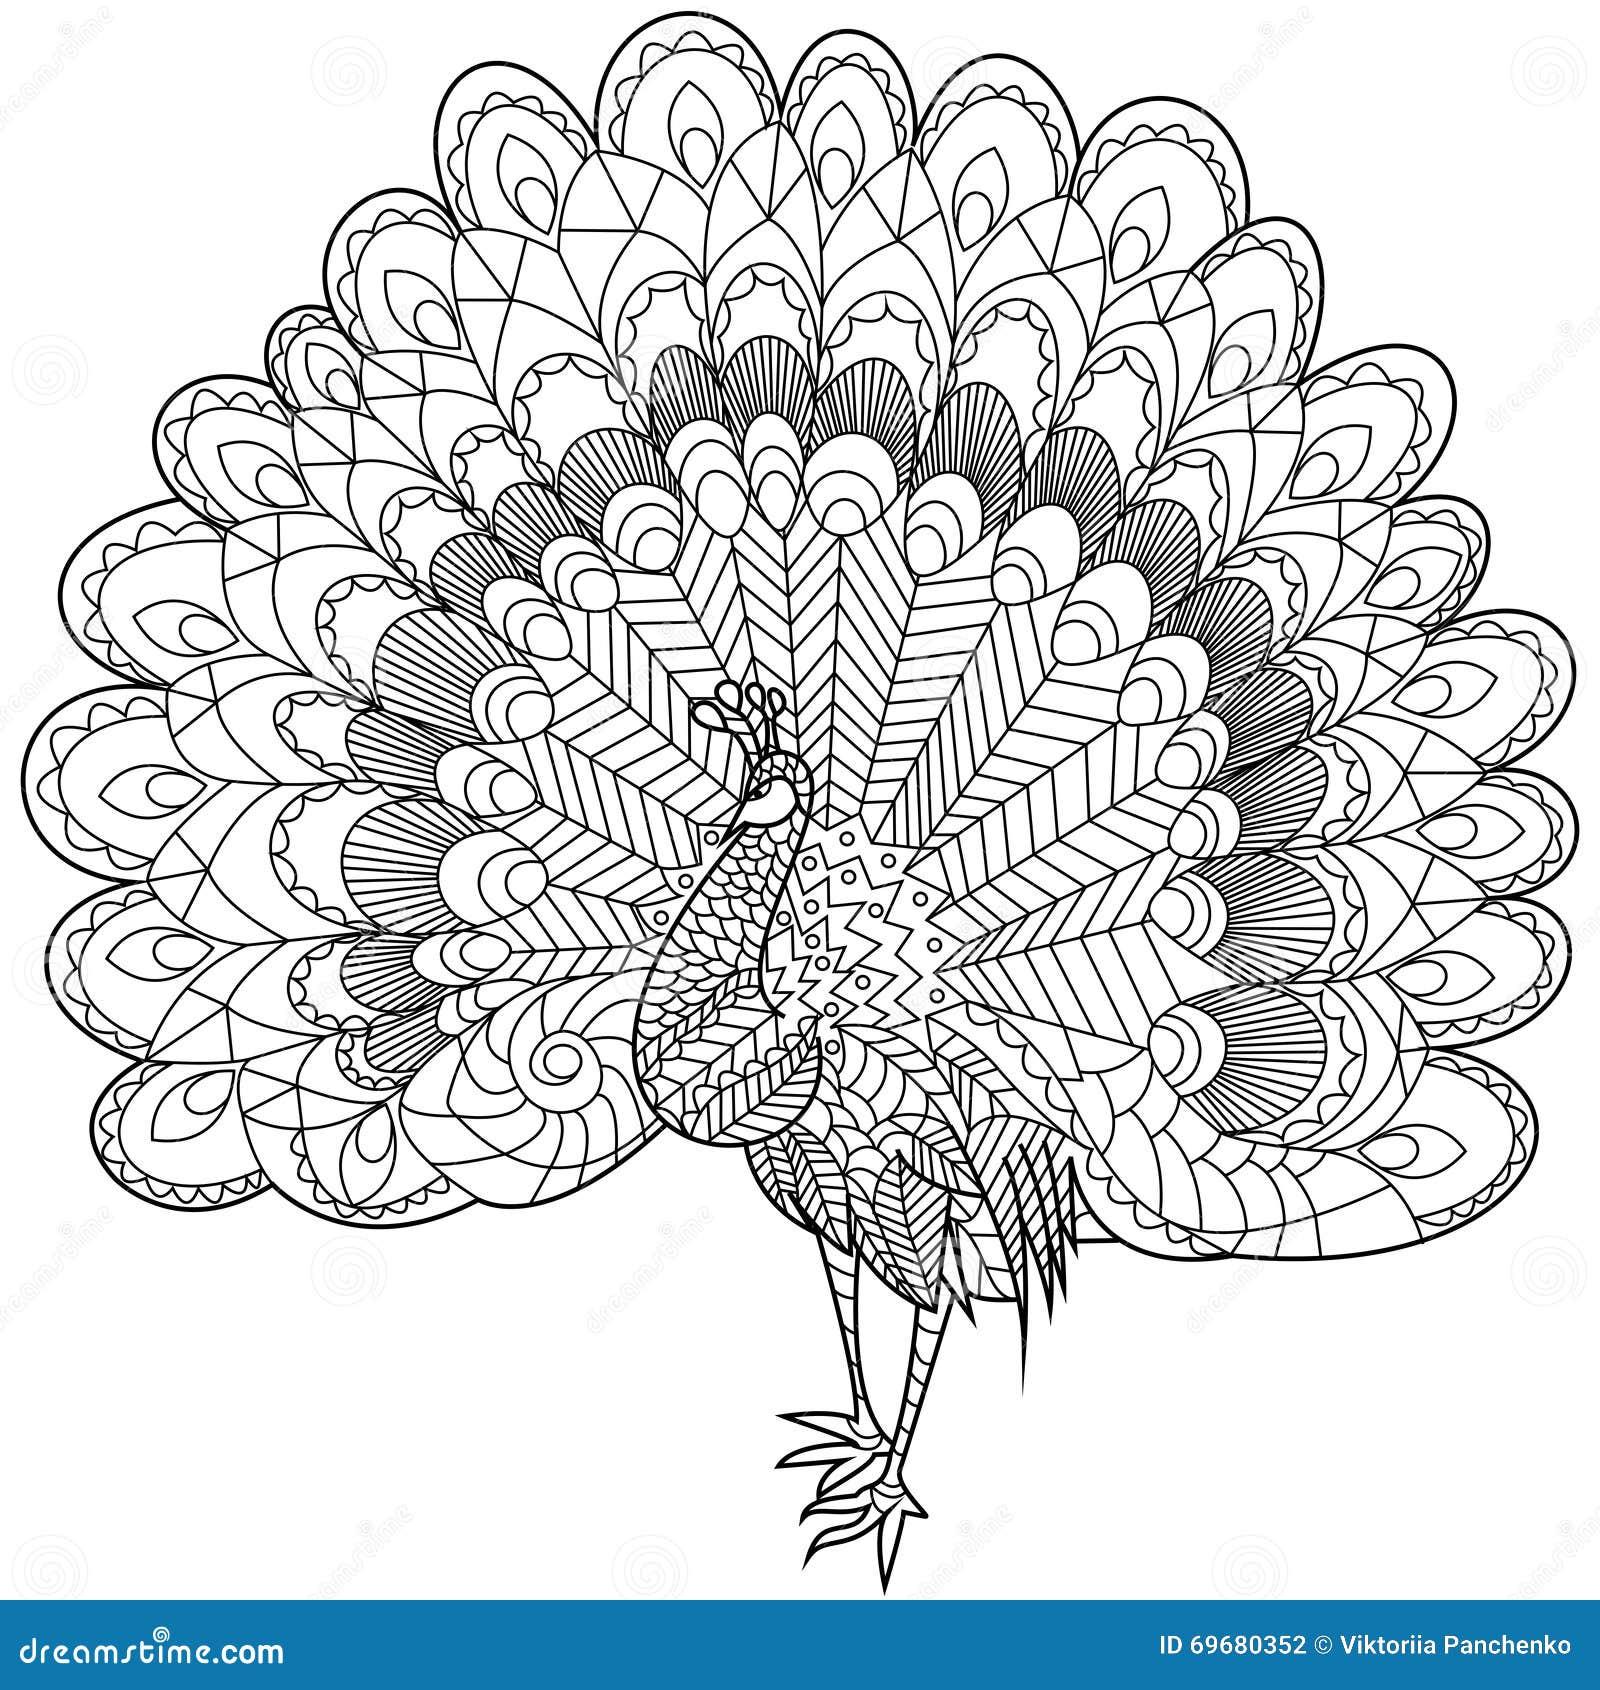 Vettore di coloritura del pavone per gli adulti - Dessin de paon ...